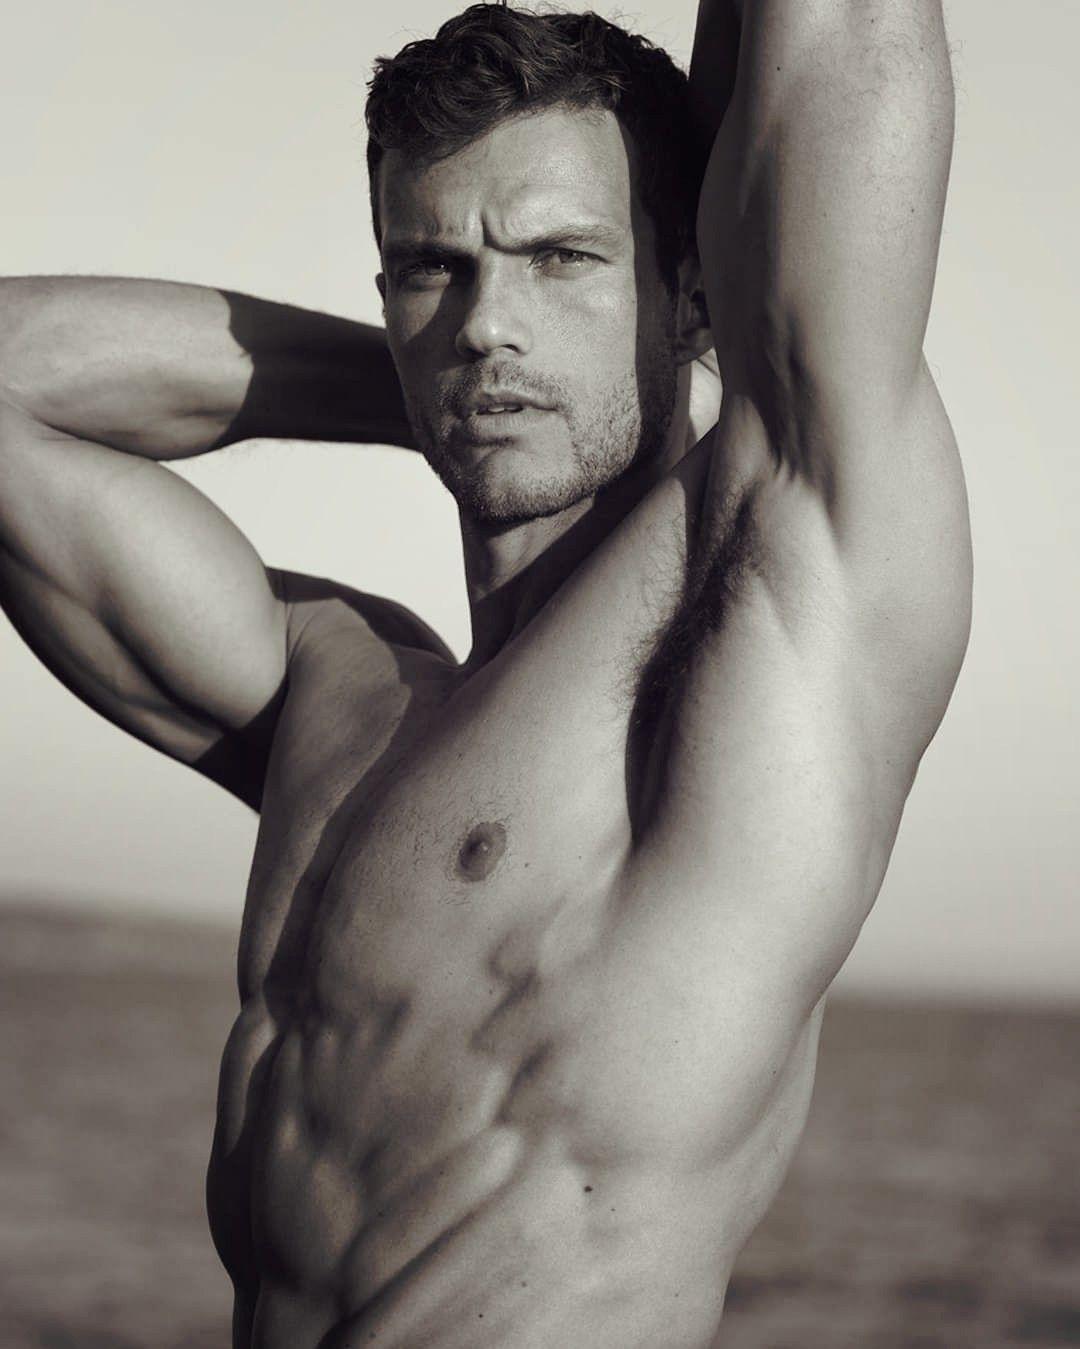 Hot Nude Male Physique Modles Photos